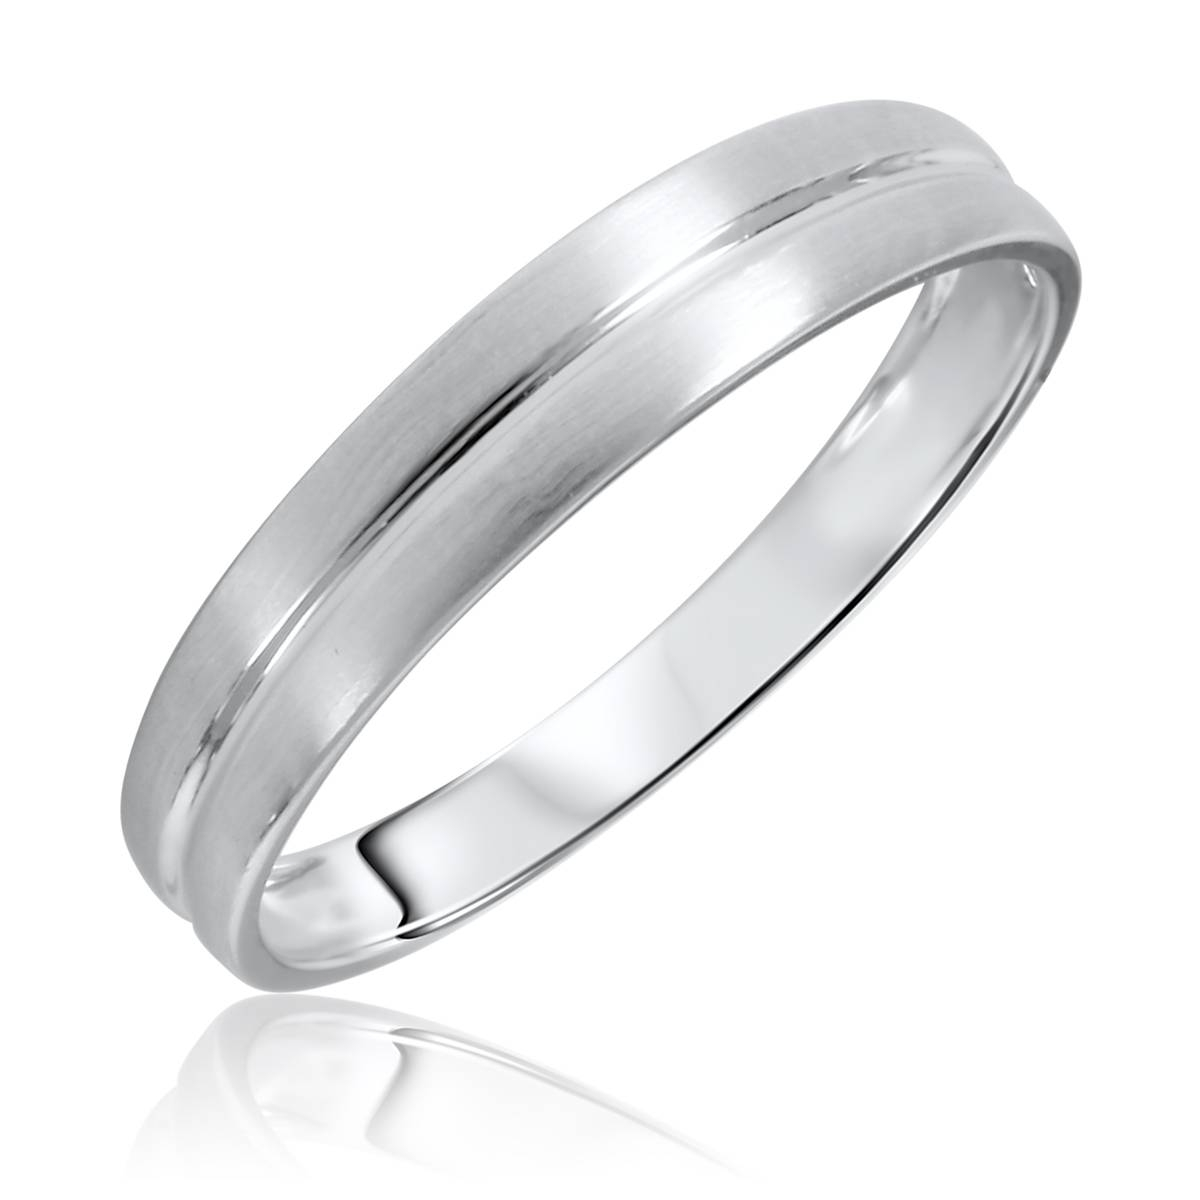 No Diamondstraditional Mens Wedding Band 14K White Gold Regarding White Gold Mens Wedding Rings (Gallery 2 of 15)